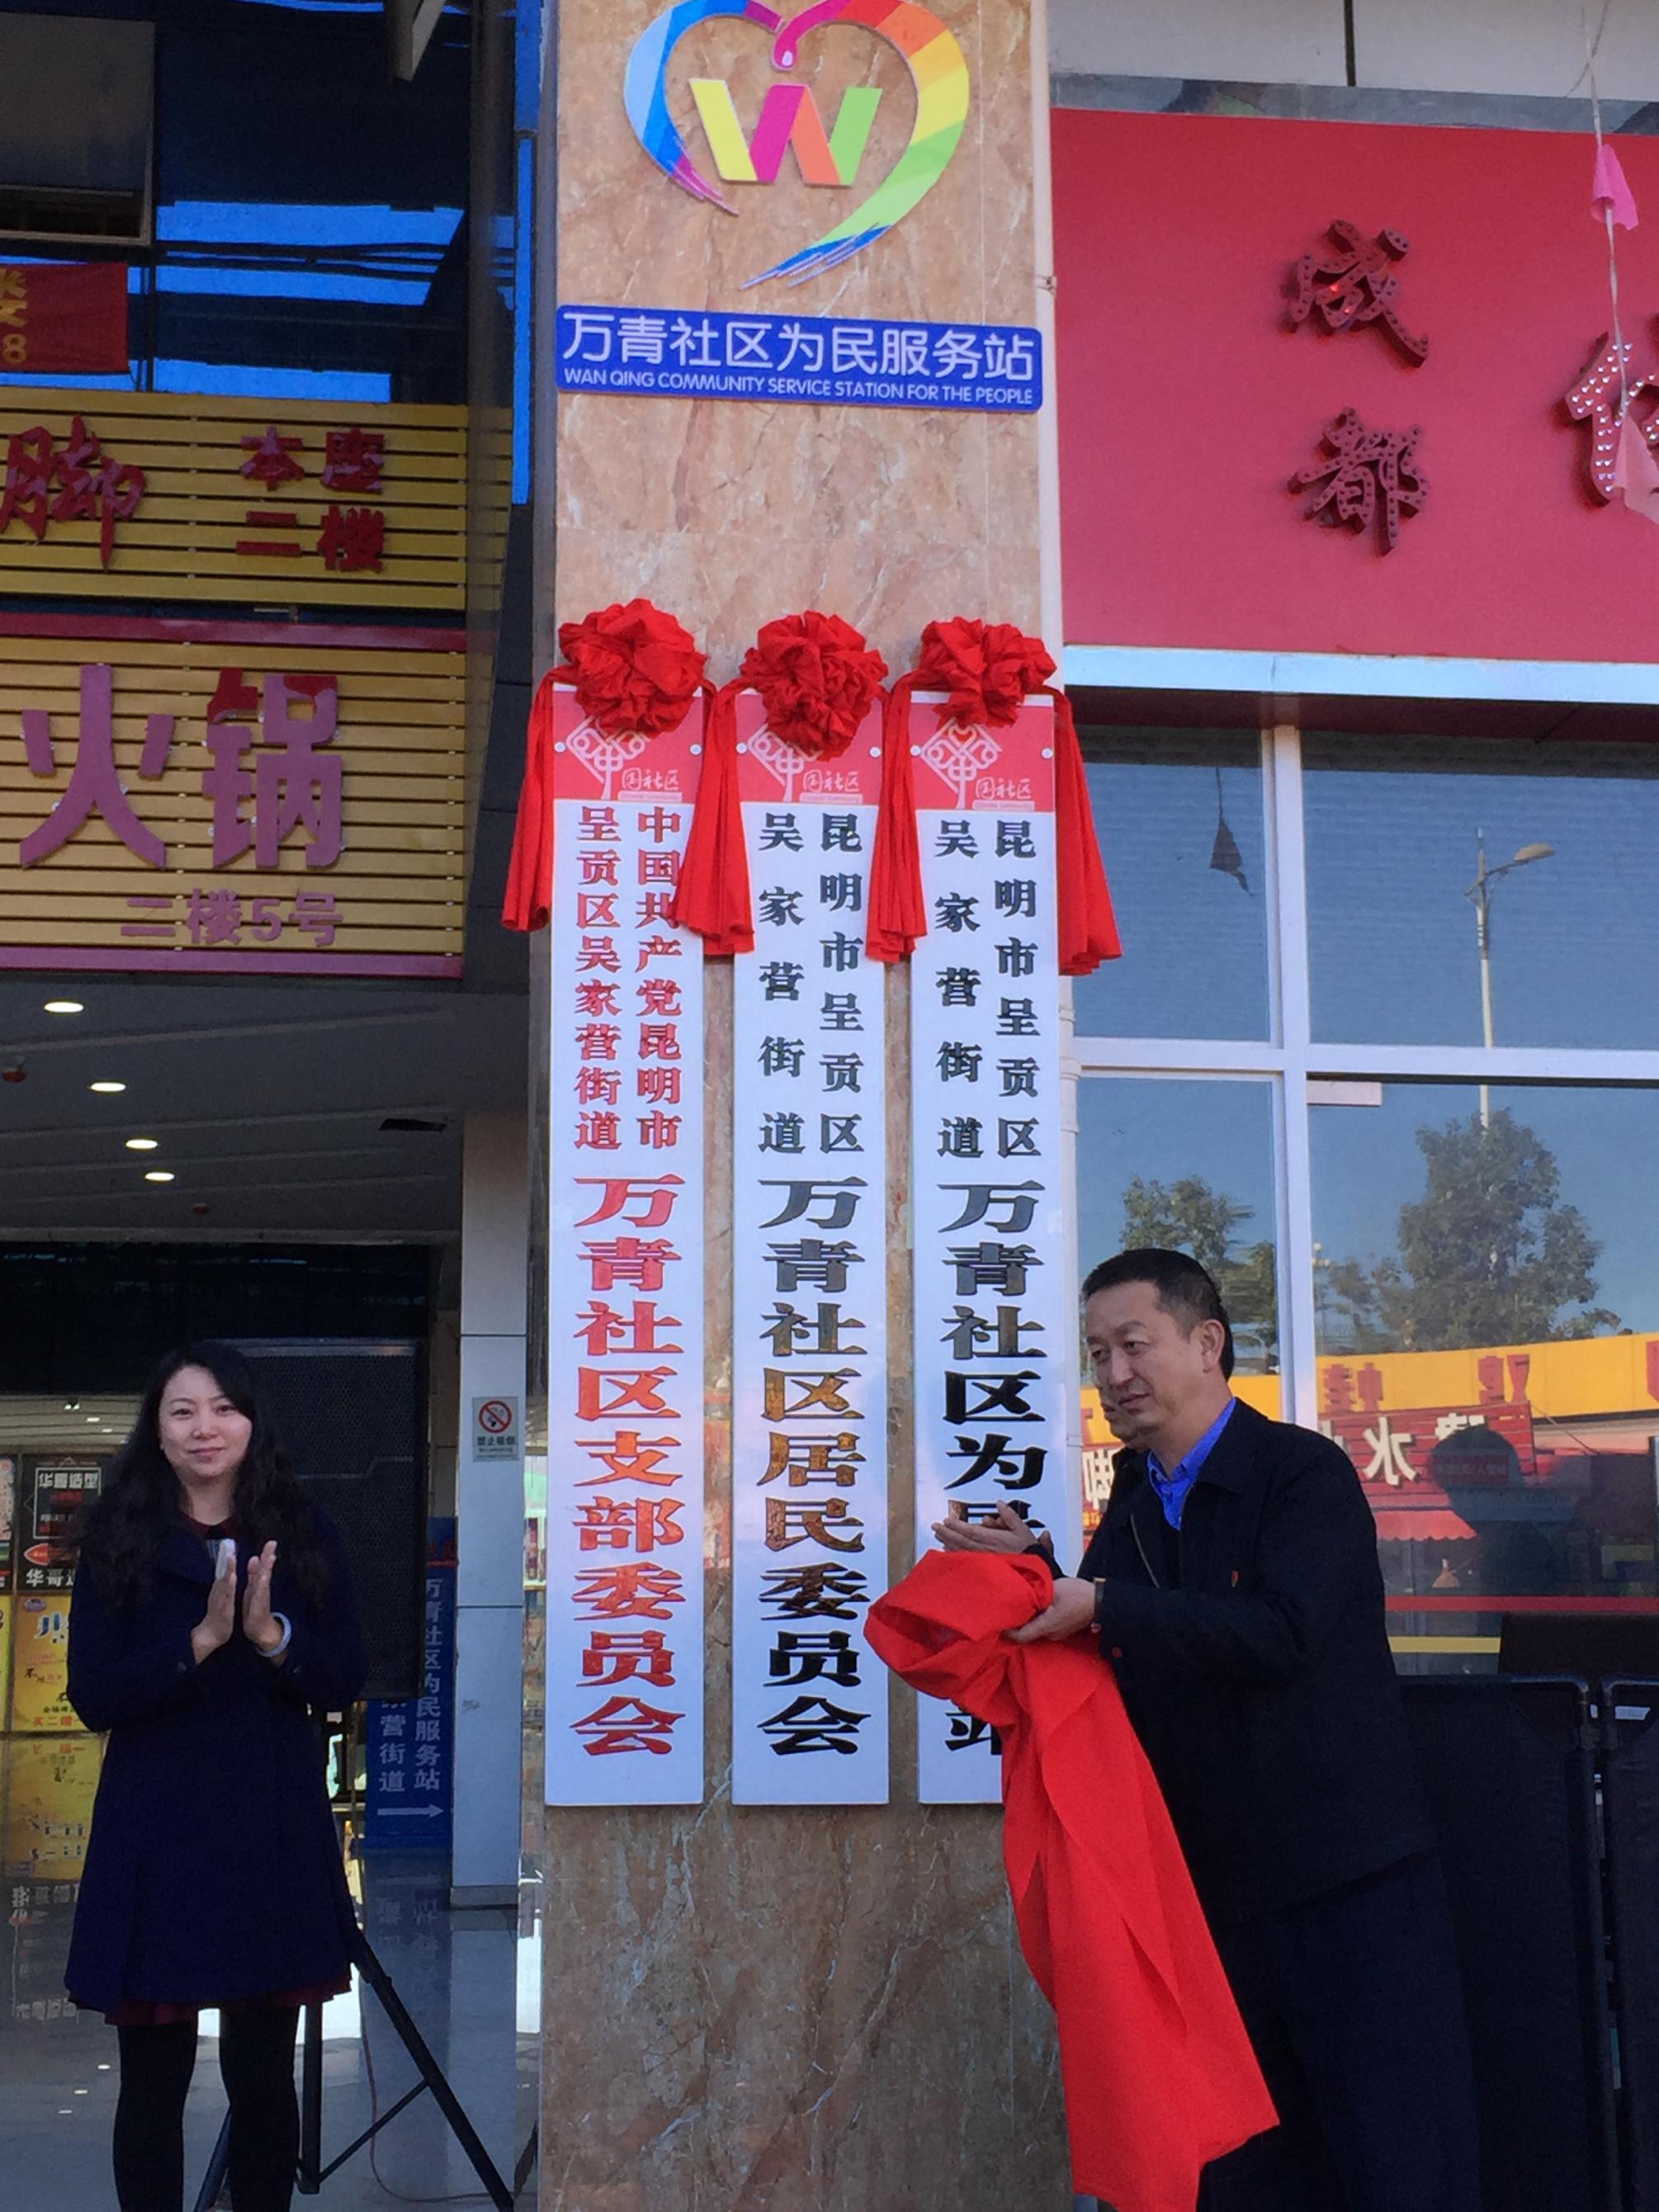 万青社区居民委员会正式揭牌成立